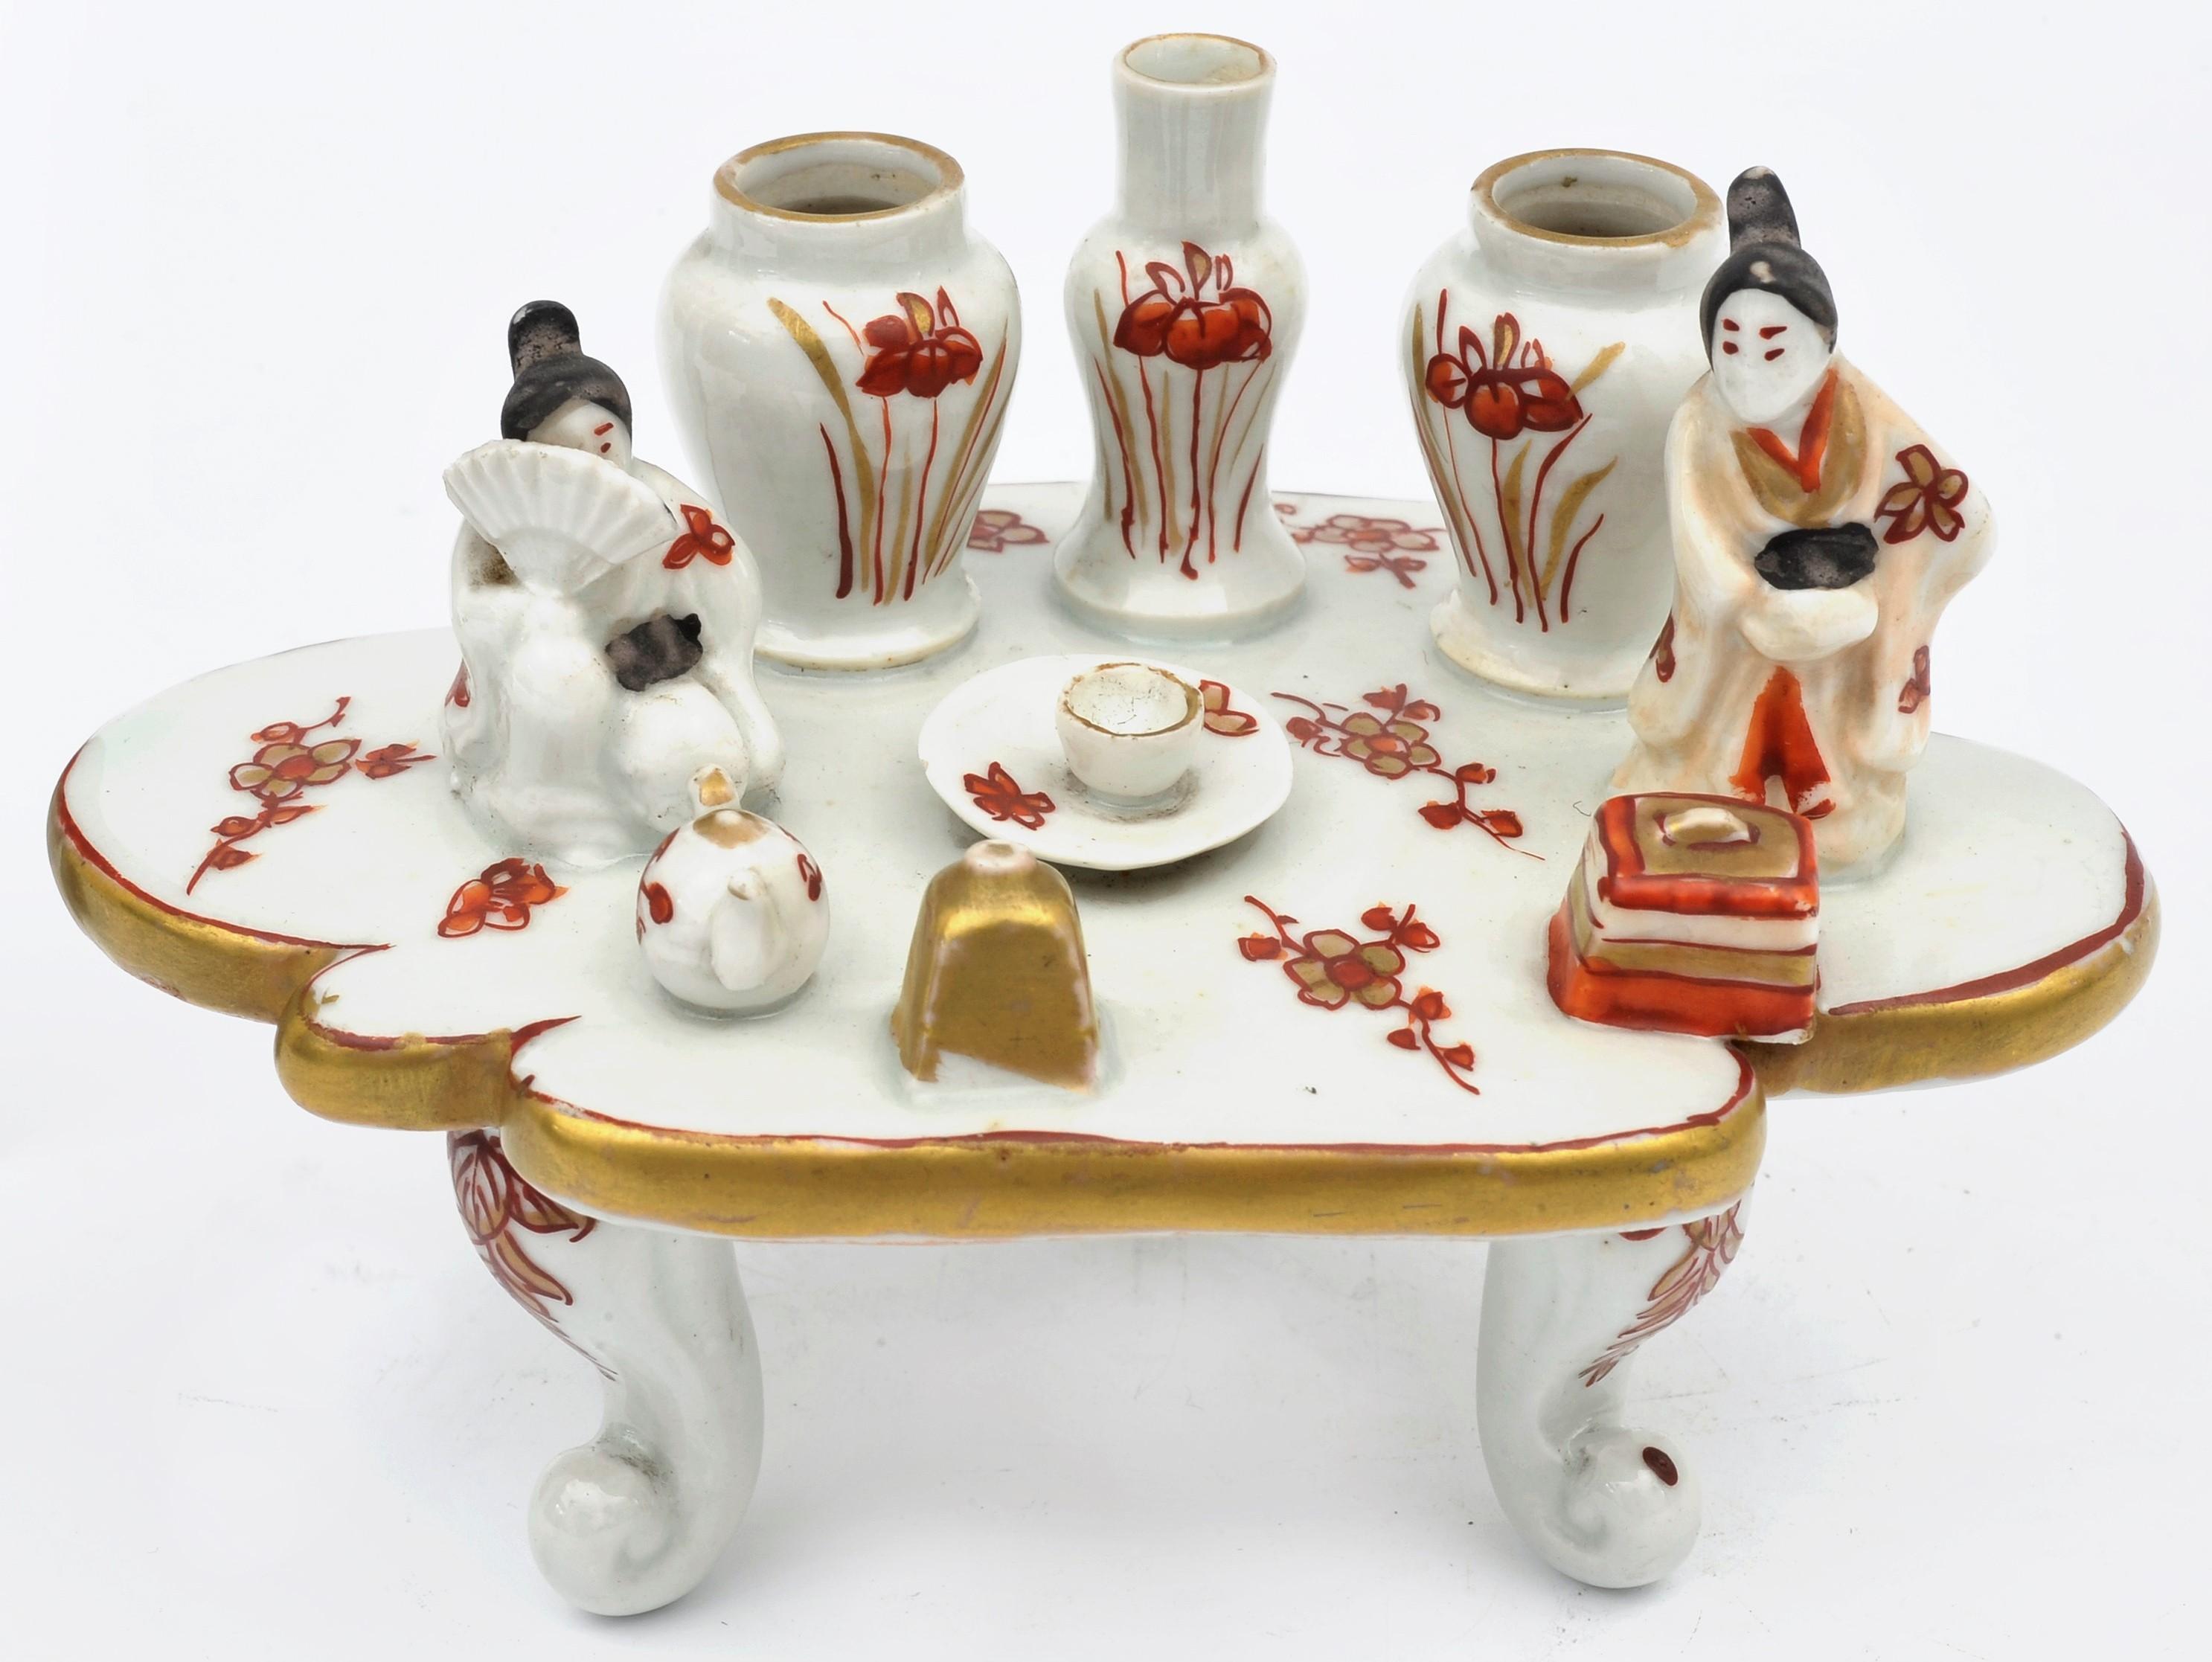 Naczynia do parzenia herbaty (źródło: materiały prasowe organizatora)